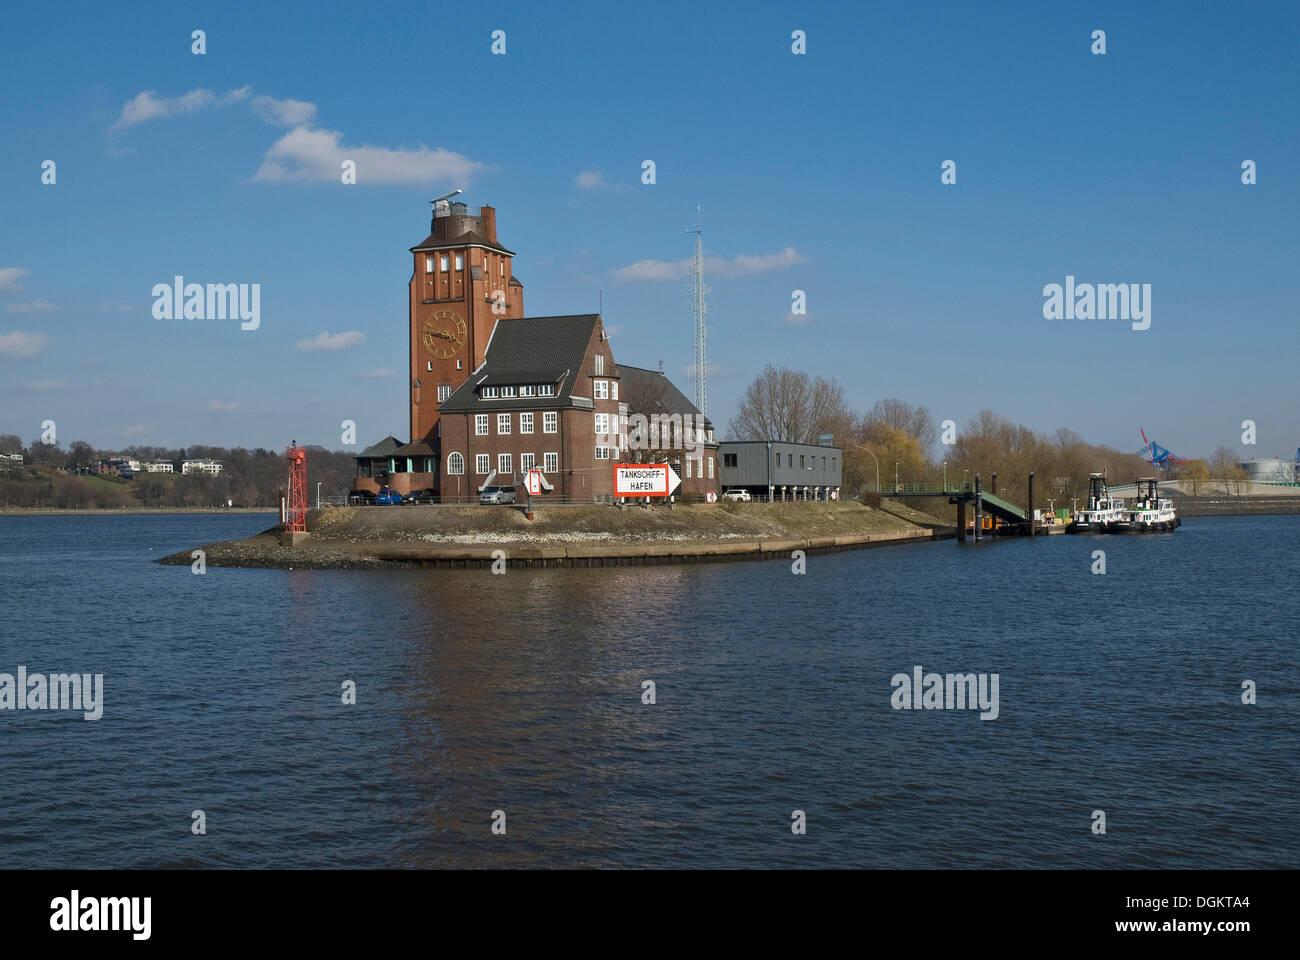 Der Hamburger Hafen, Eingang zum Tankschiffhafen, Tanker Hafen, Elbe River, Hamburg Stockbild